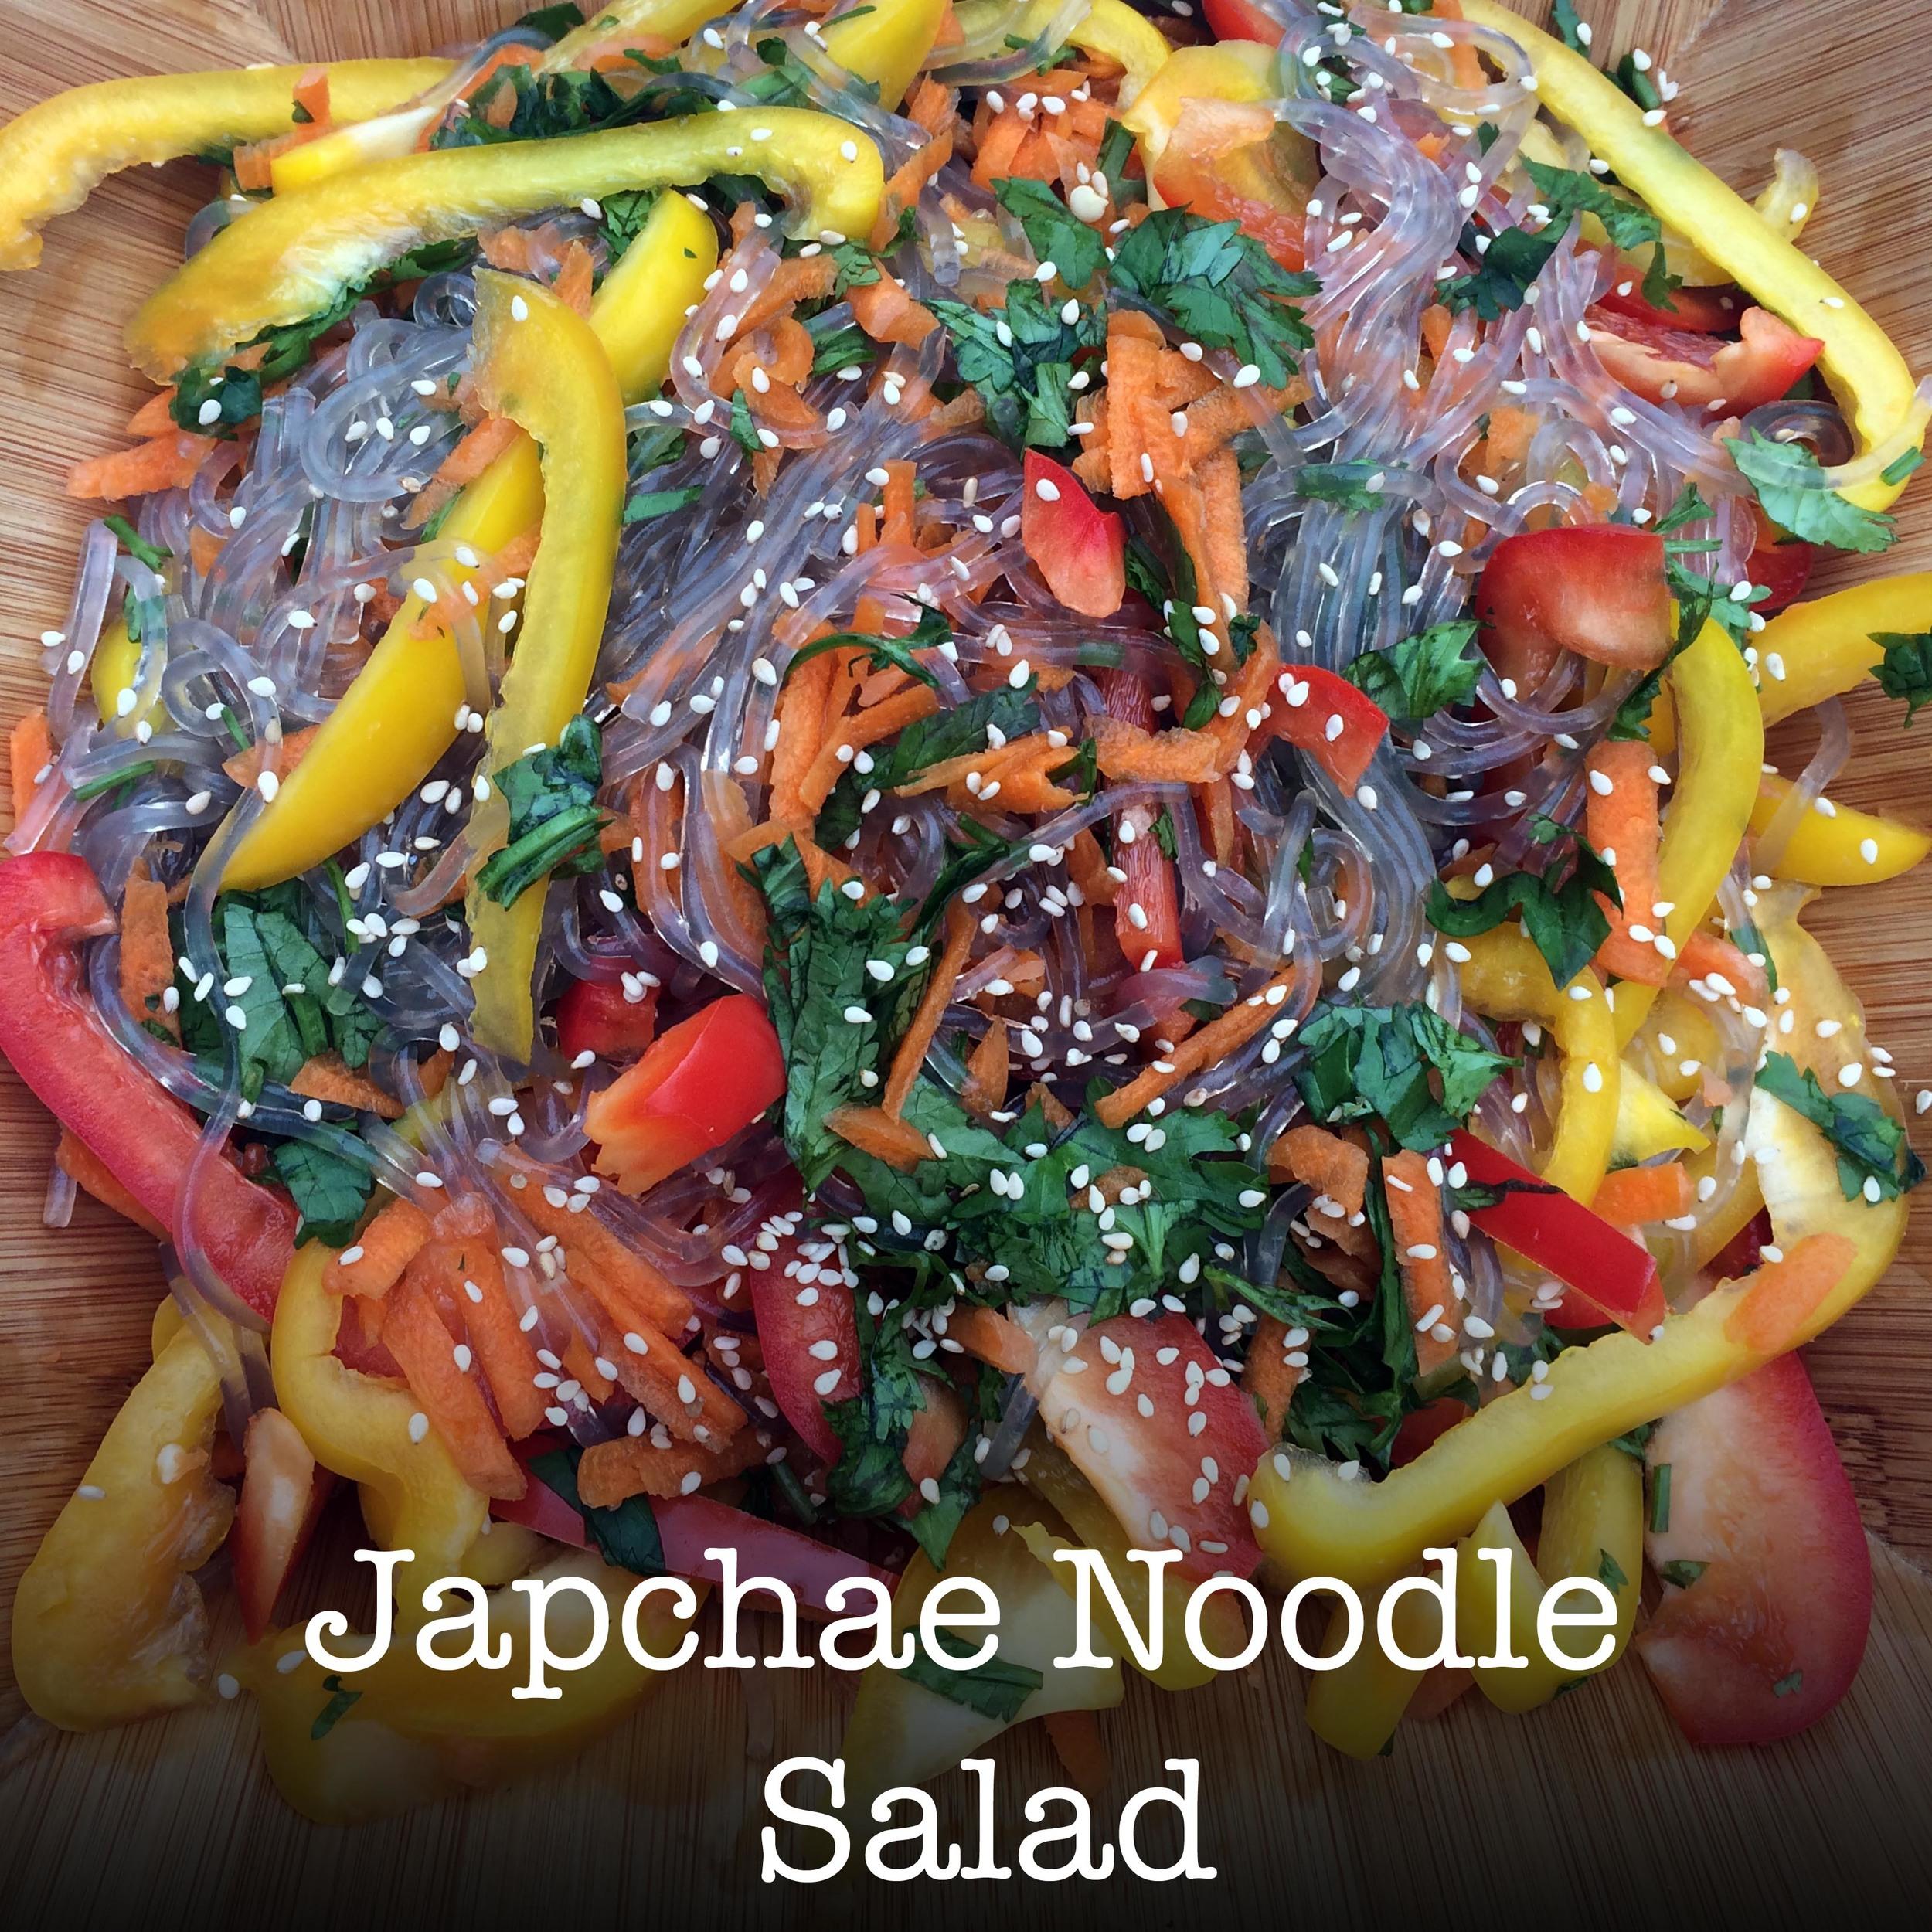 Japchae Noodle Salad.jpg